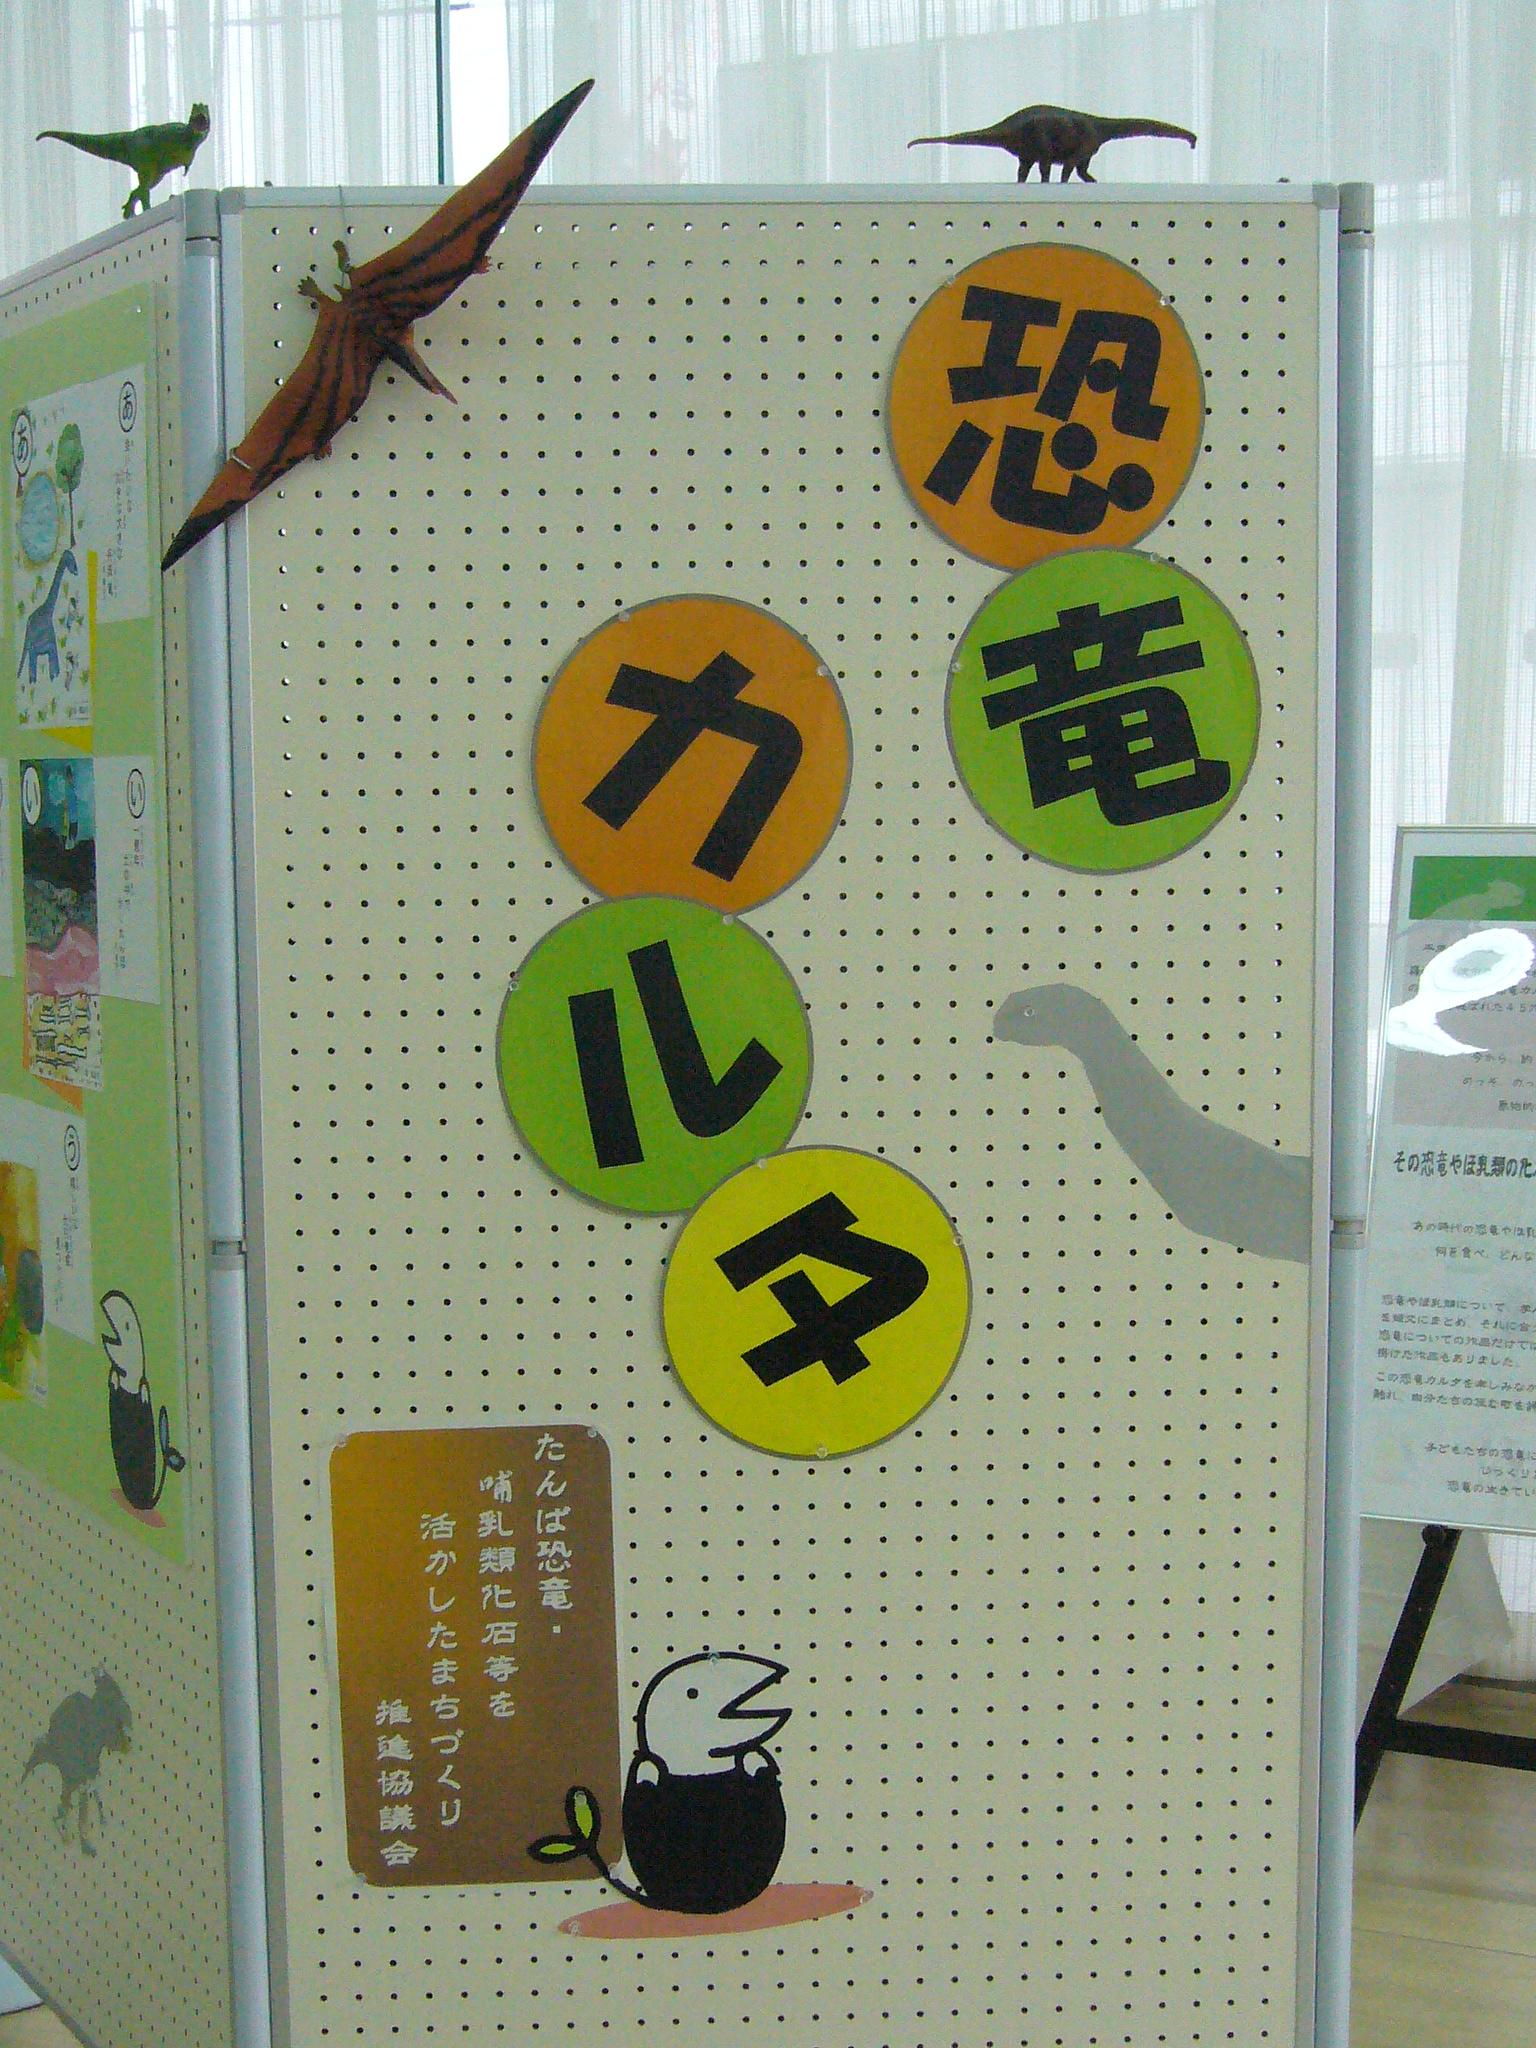 《告知》恐竜カルタ展@中兵庫信用金庫柏原支店